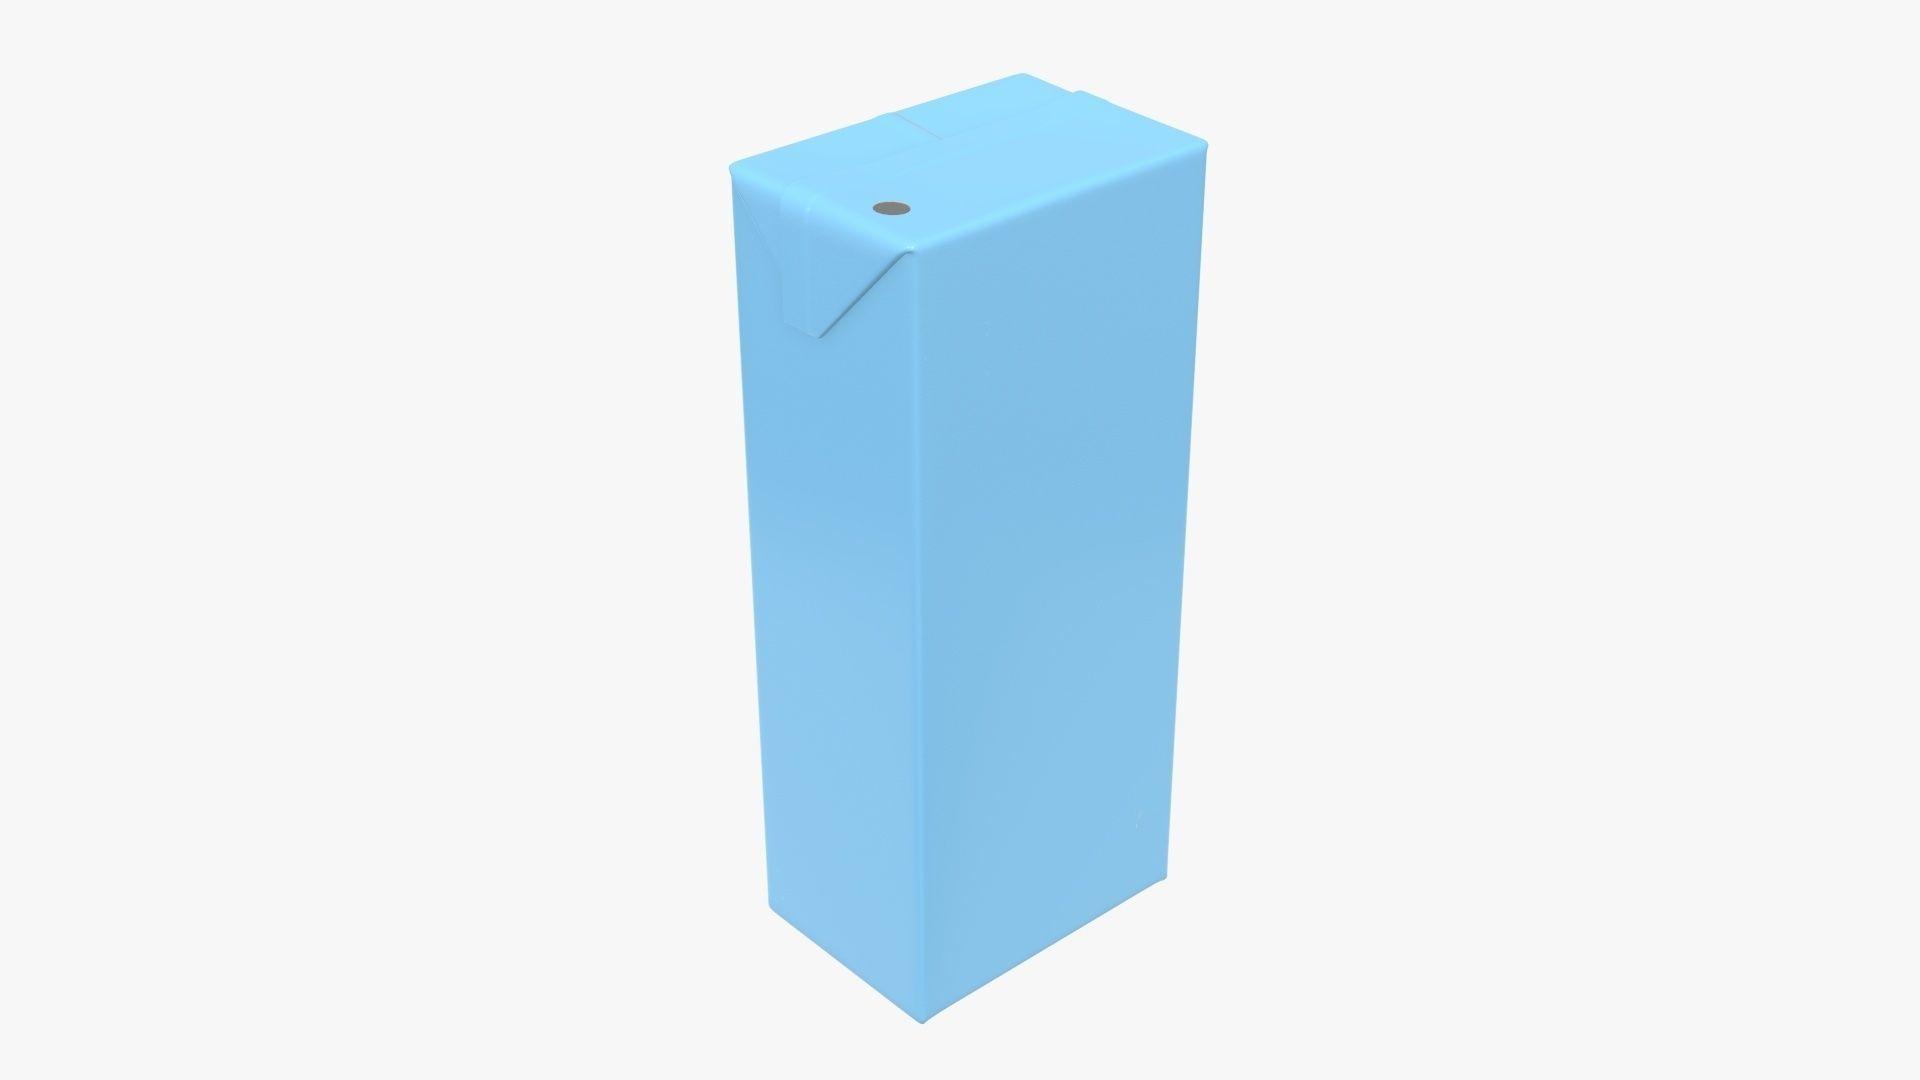 Juice 200ml cardboard box packaging for kids